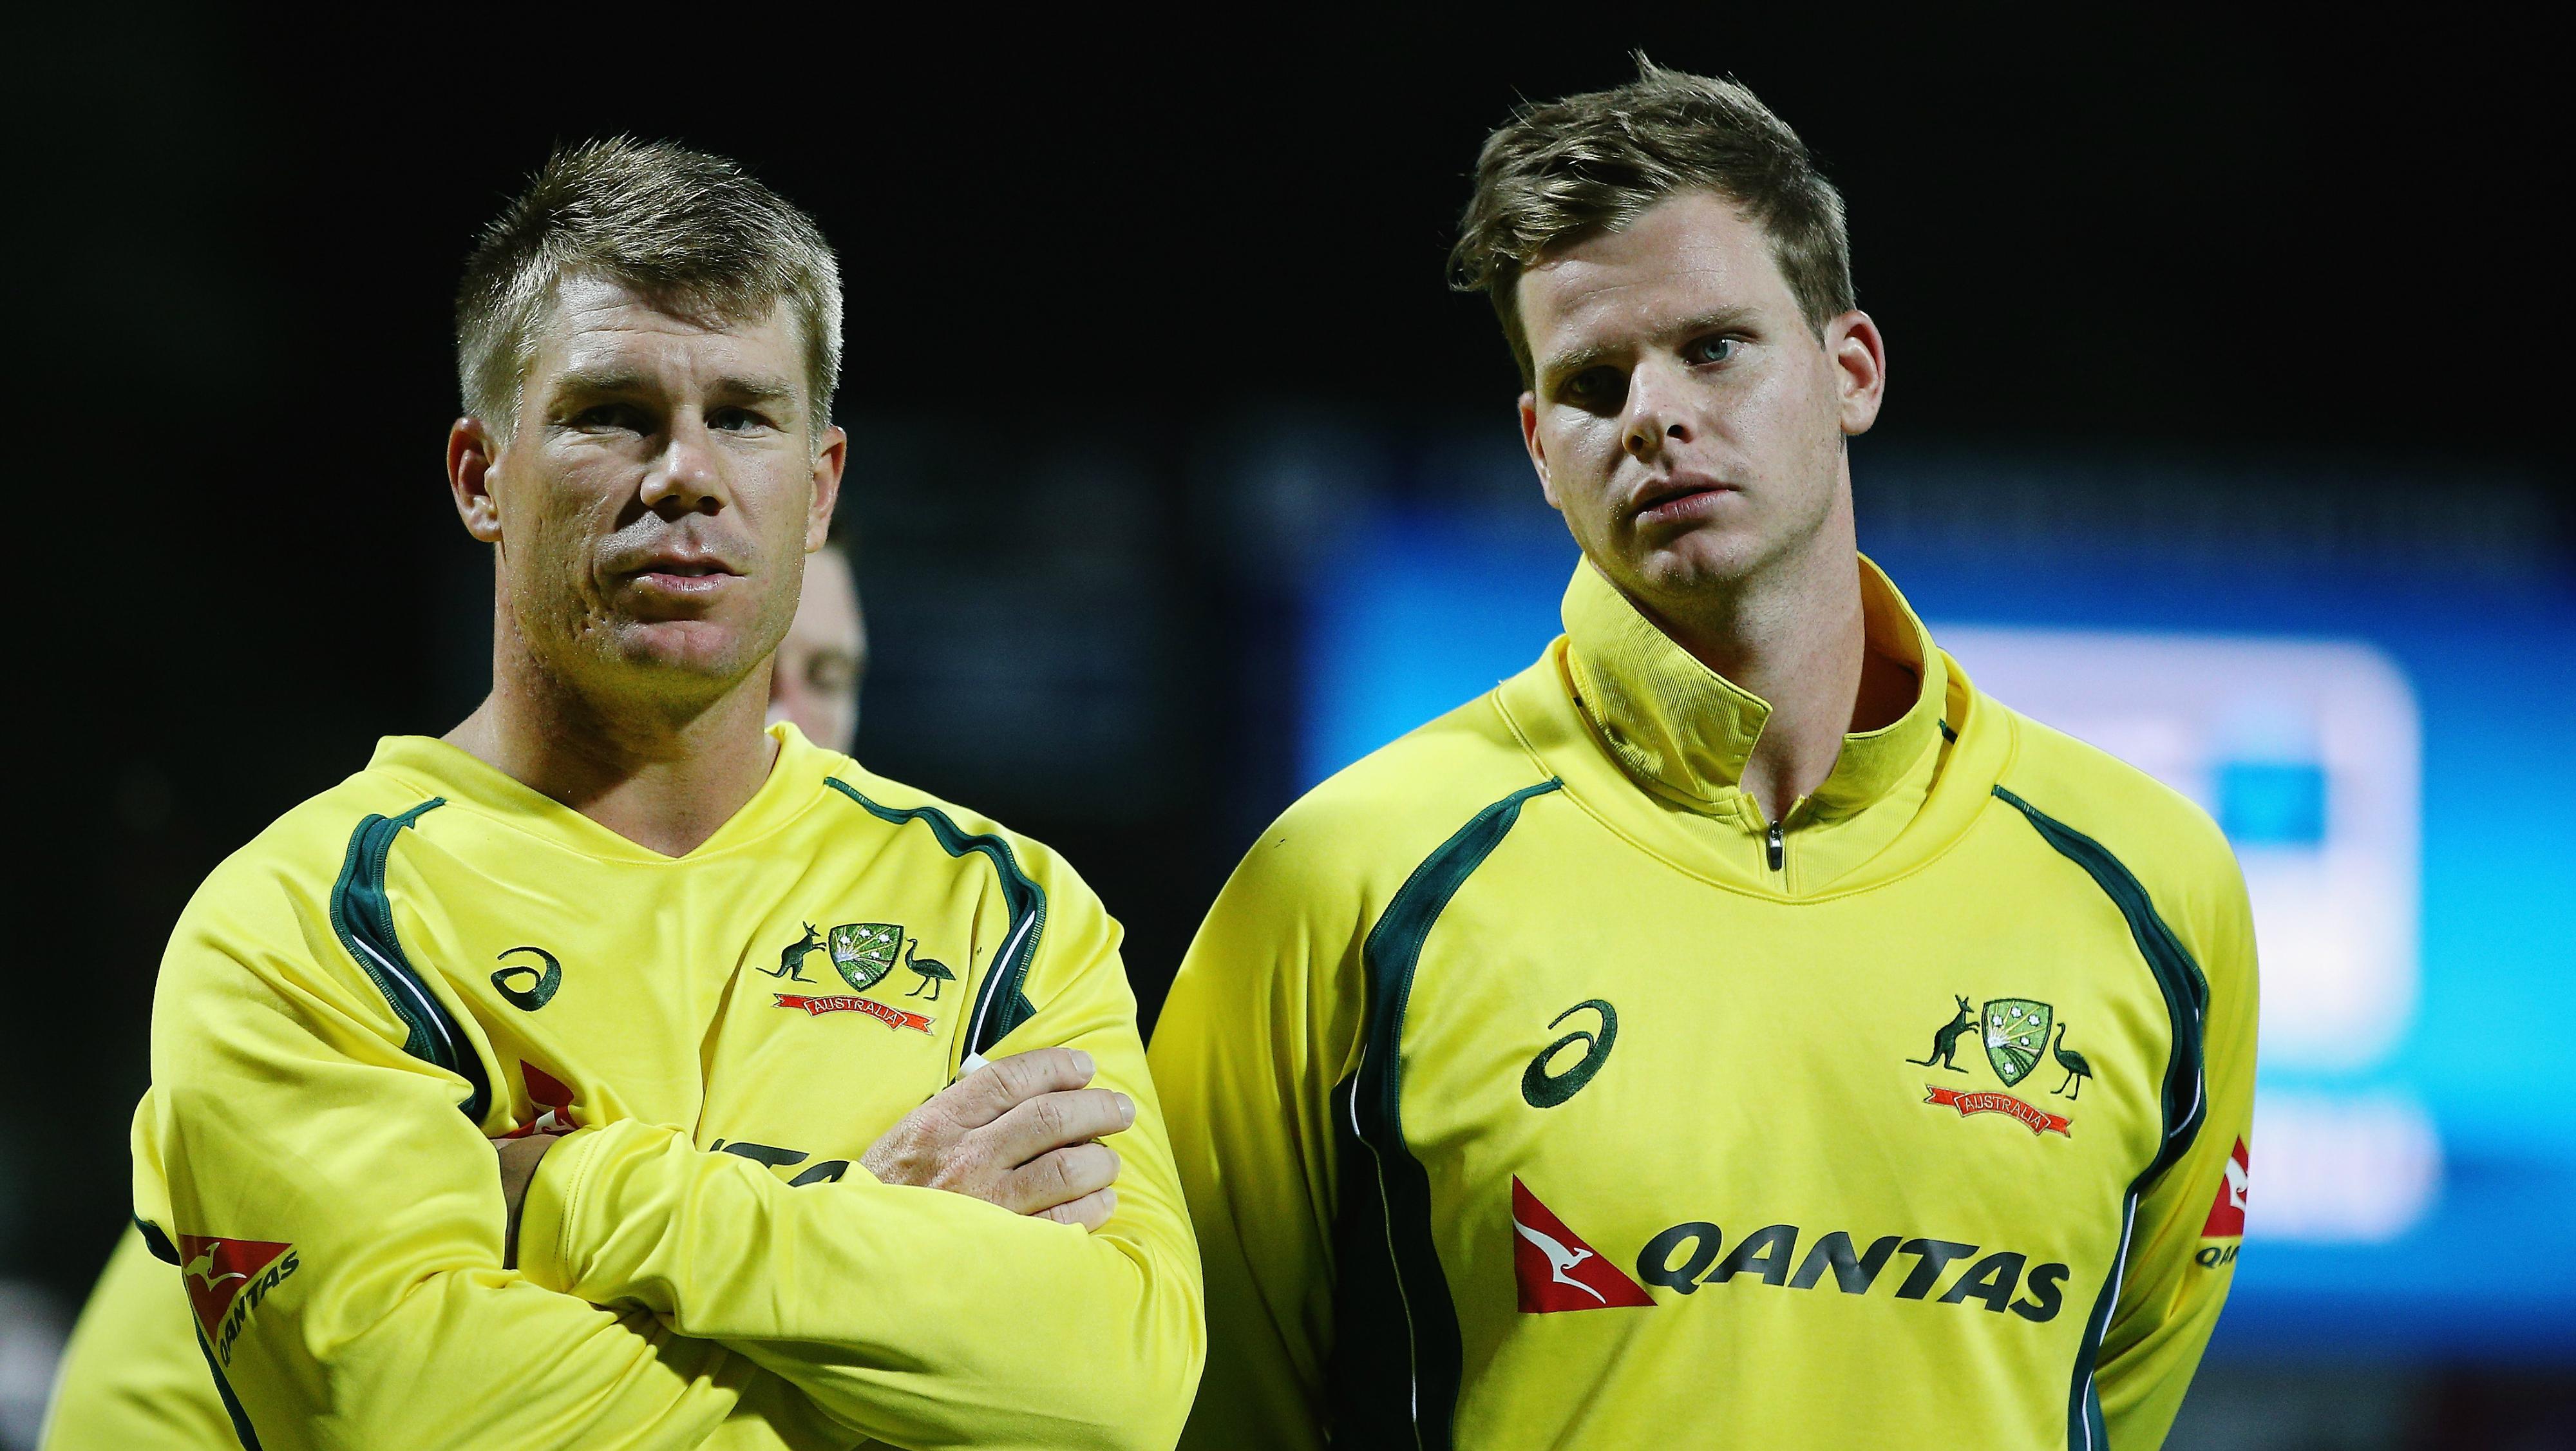 दिग्गज ऑस्ट्रेलियाई खिलाड़ी ने कहा, वार्नर और स्मिथ को नहीं मिलनी चाहिए विश्व कप 2019 की प्लेइंग इलेवन में जगह